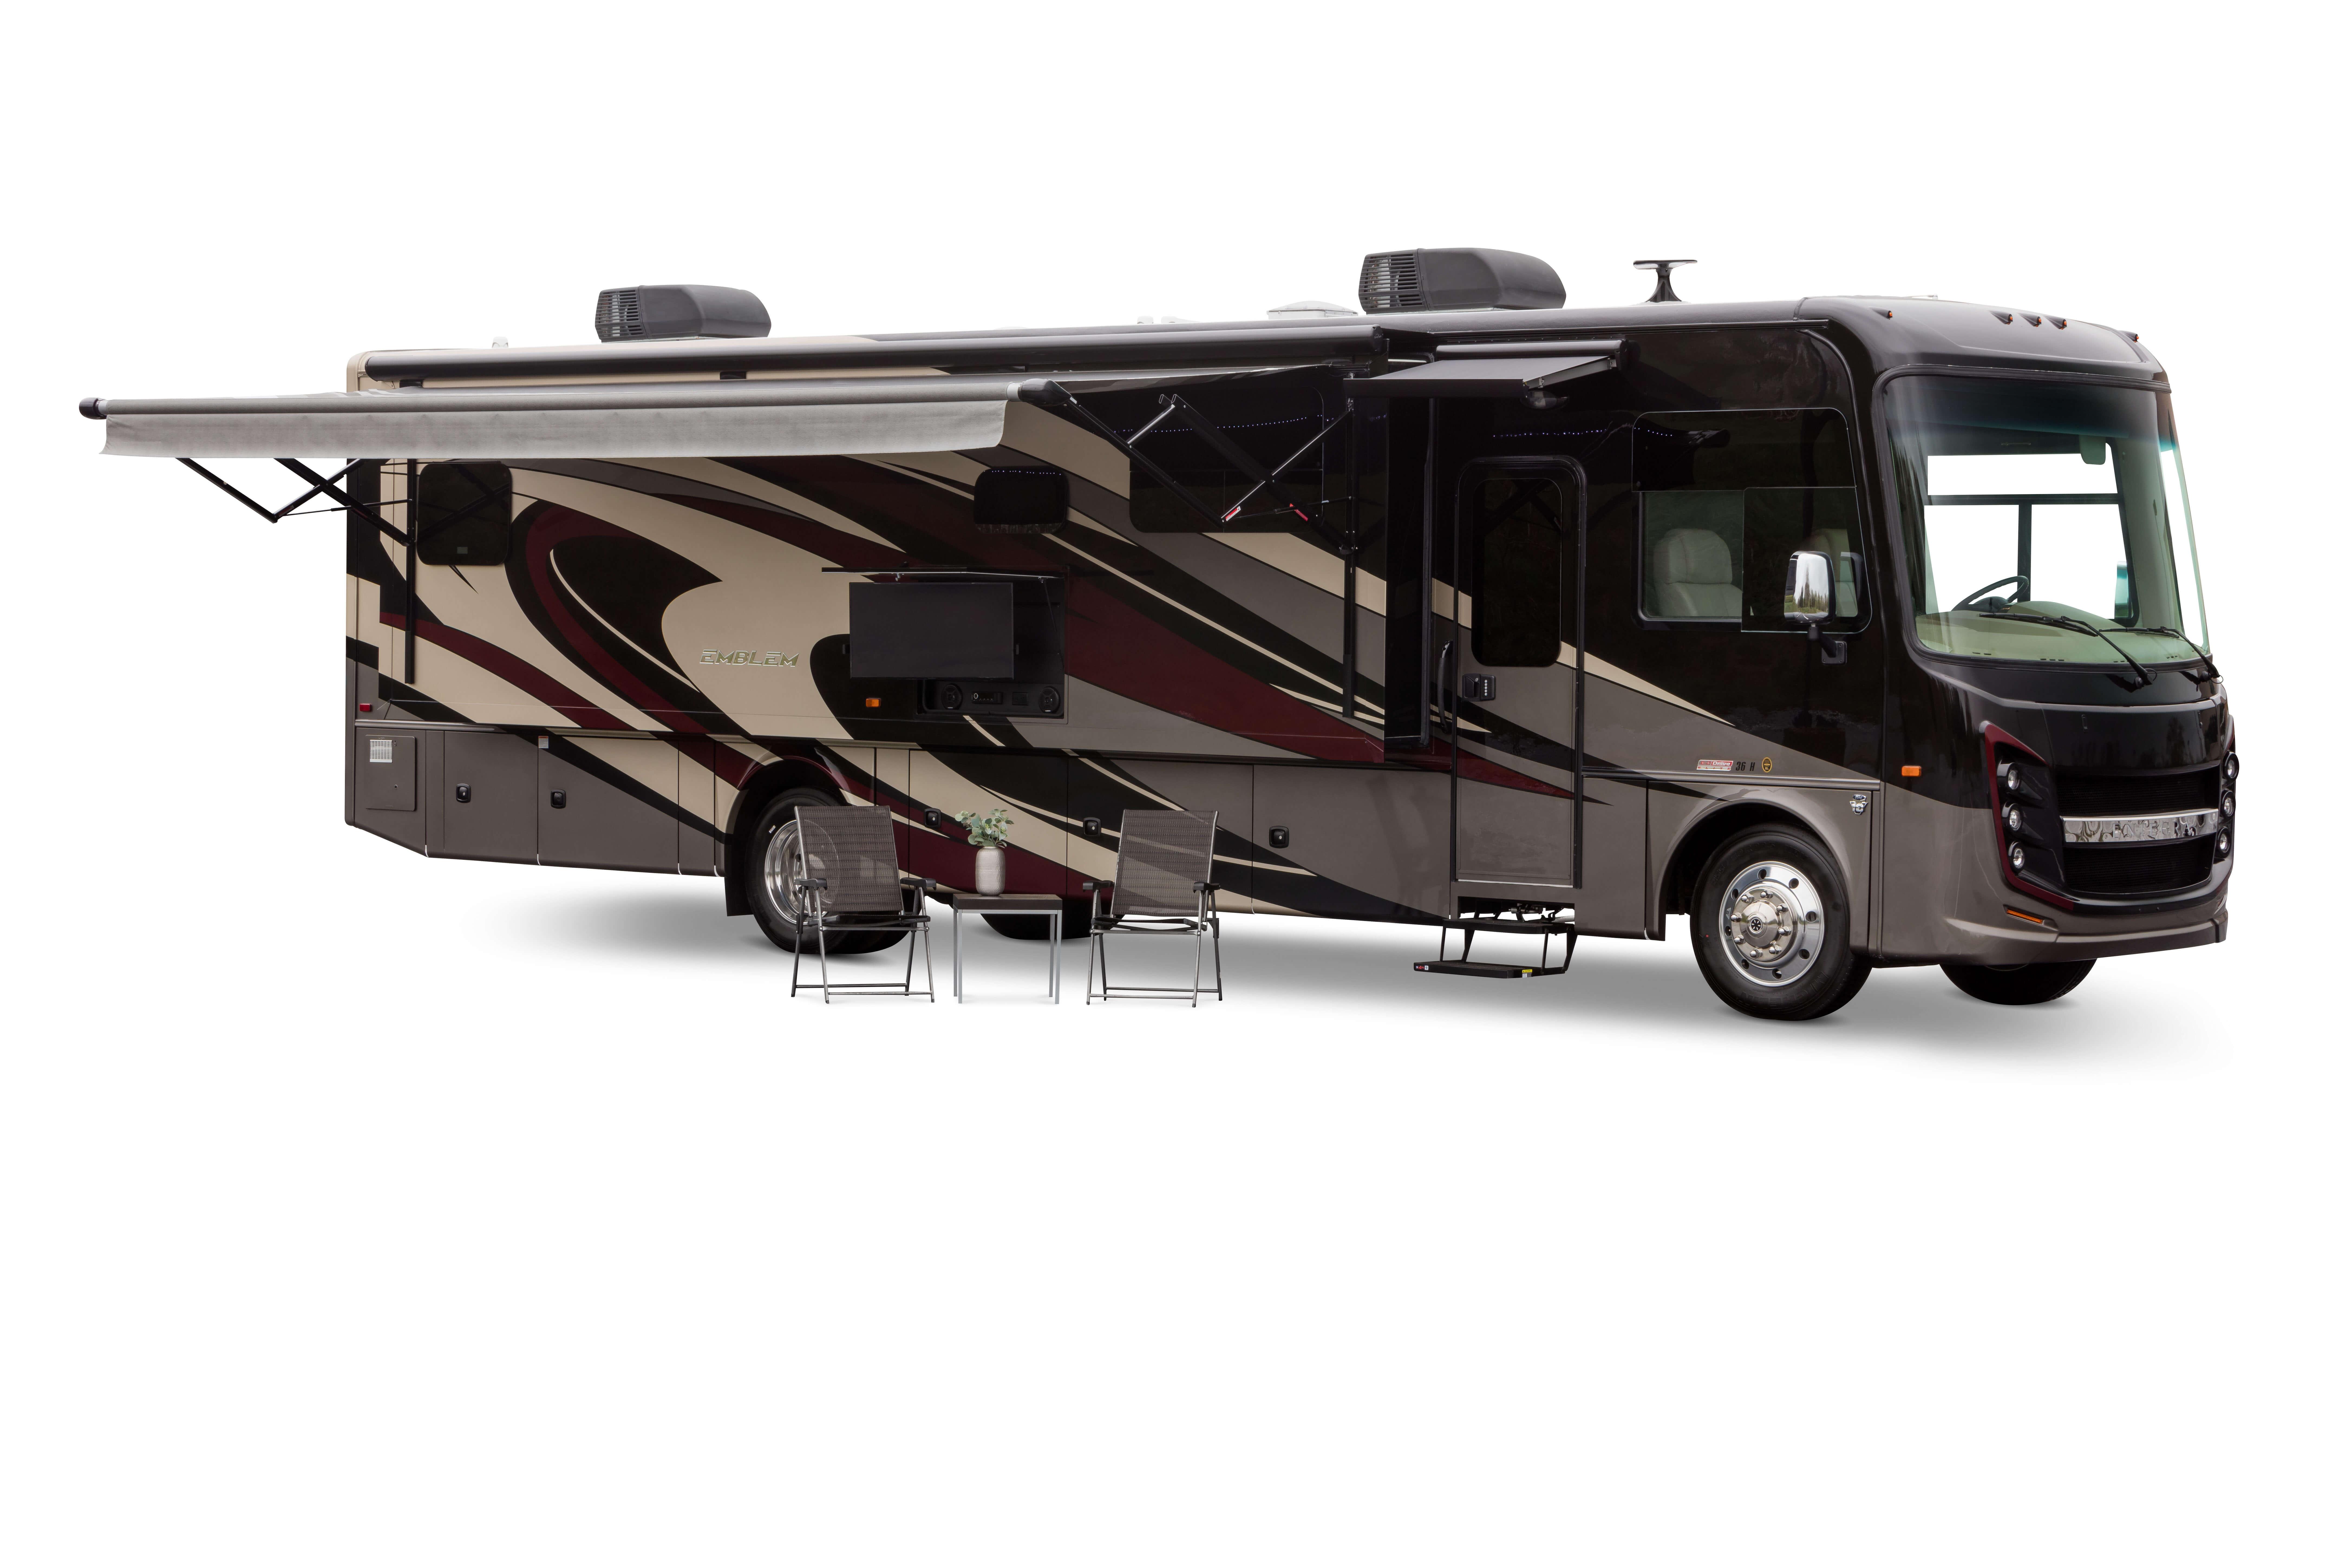 The 2020 Emblem Class A Motorhome   Entegra Coach